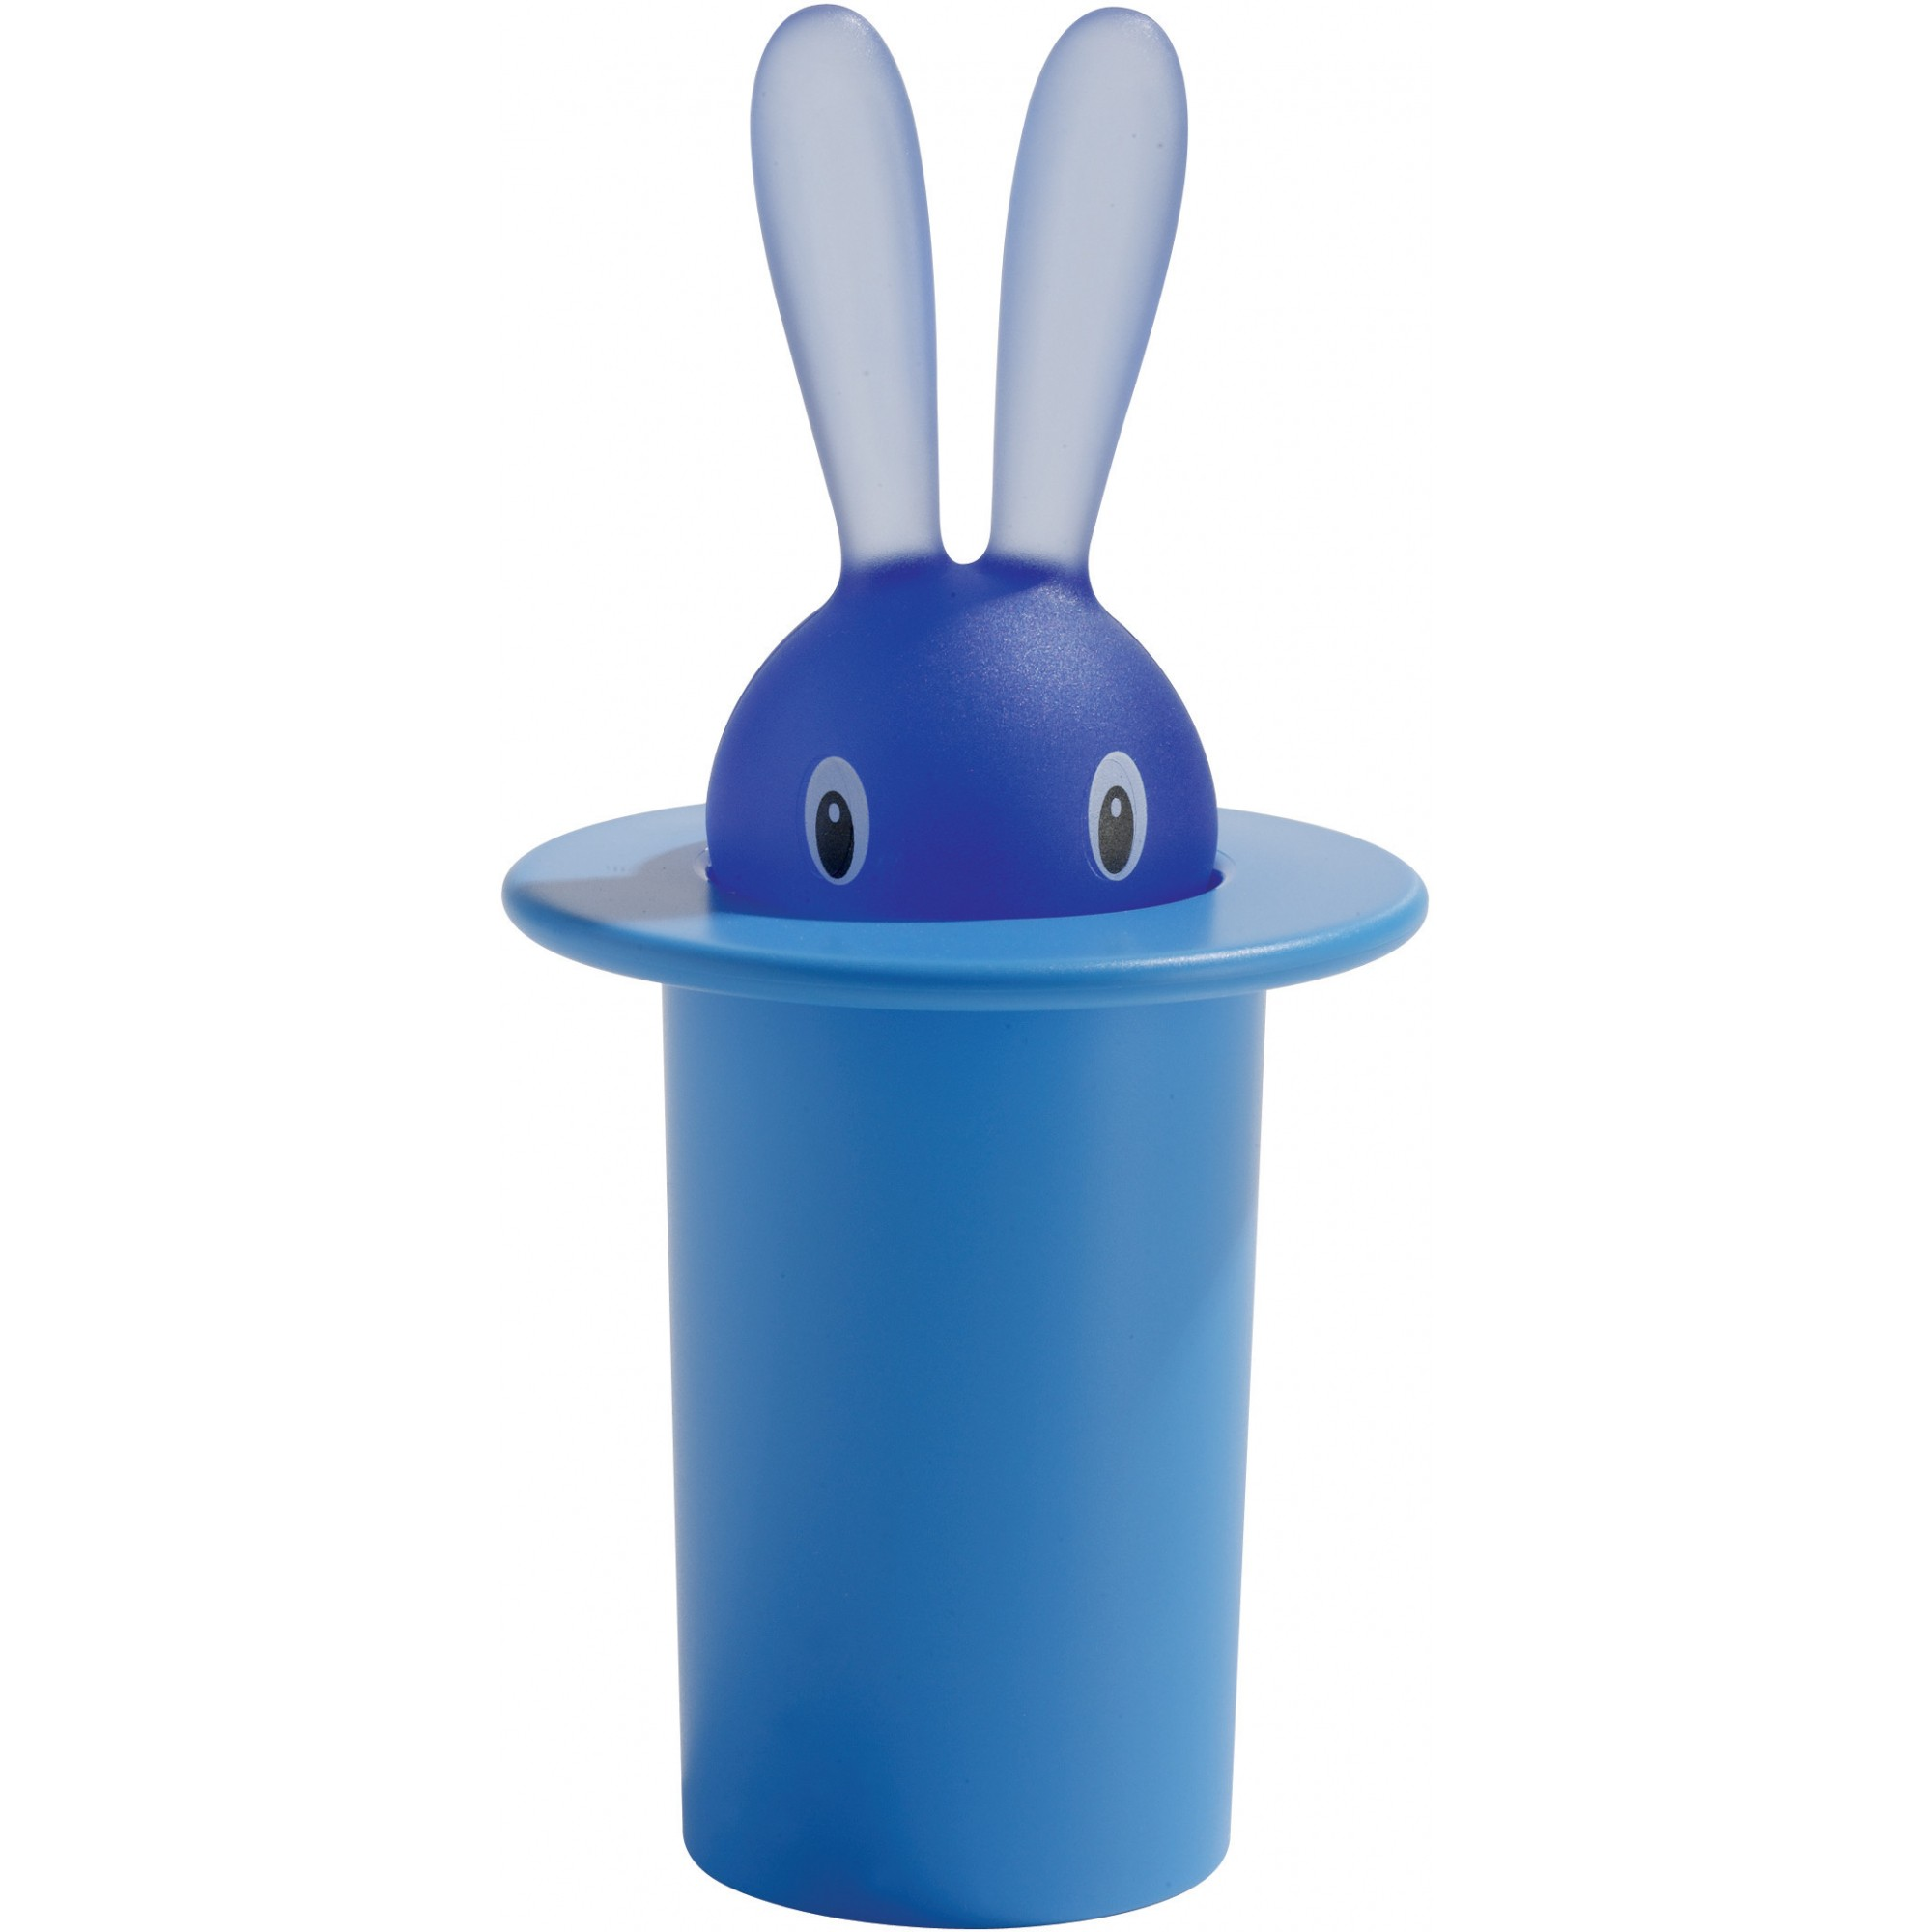 Porte cure dents magic bunny de alessi 5 coloris for Alessi porte prezzi